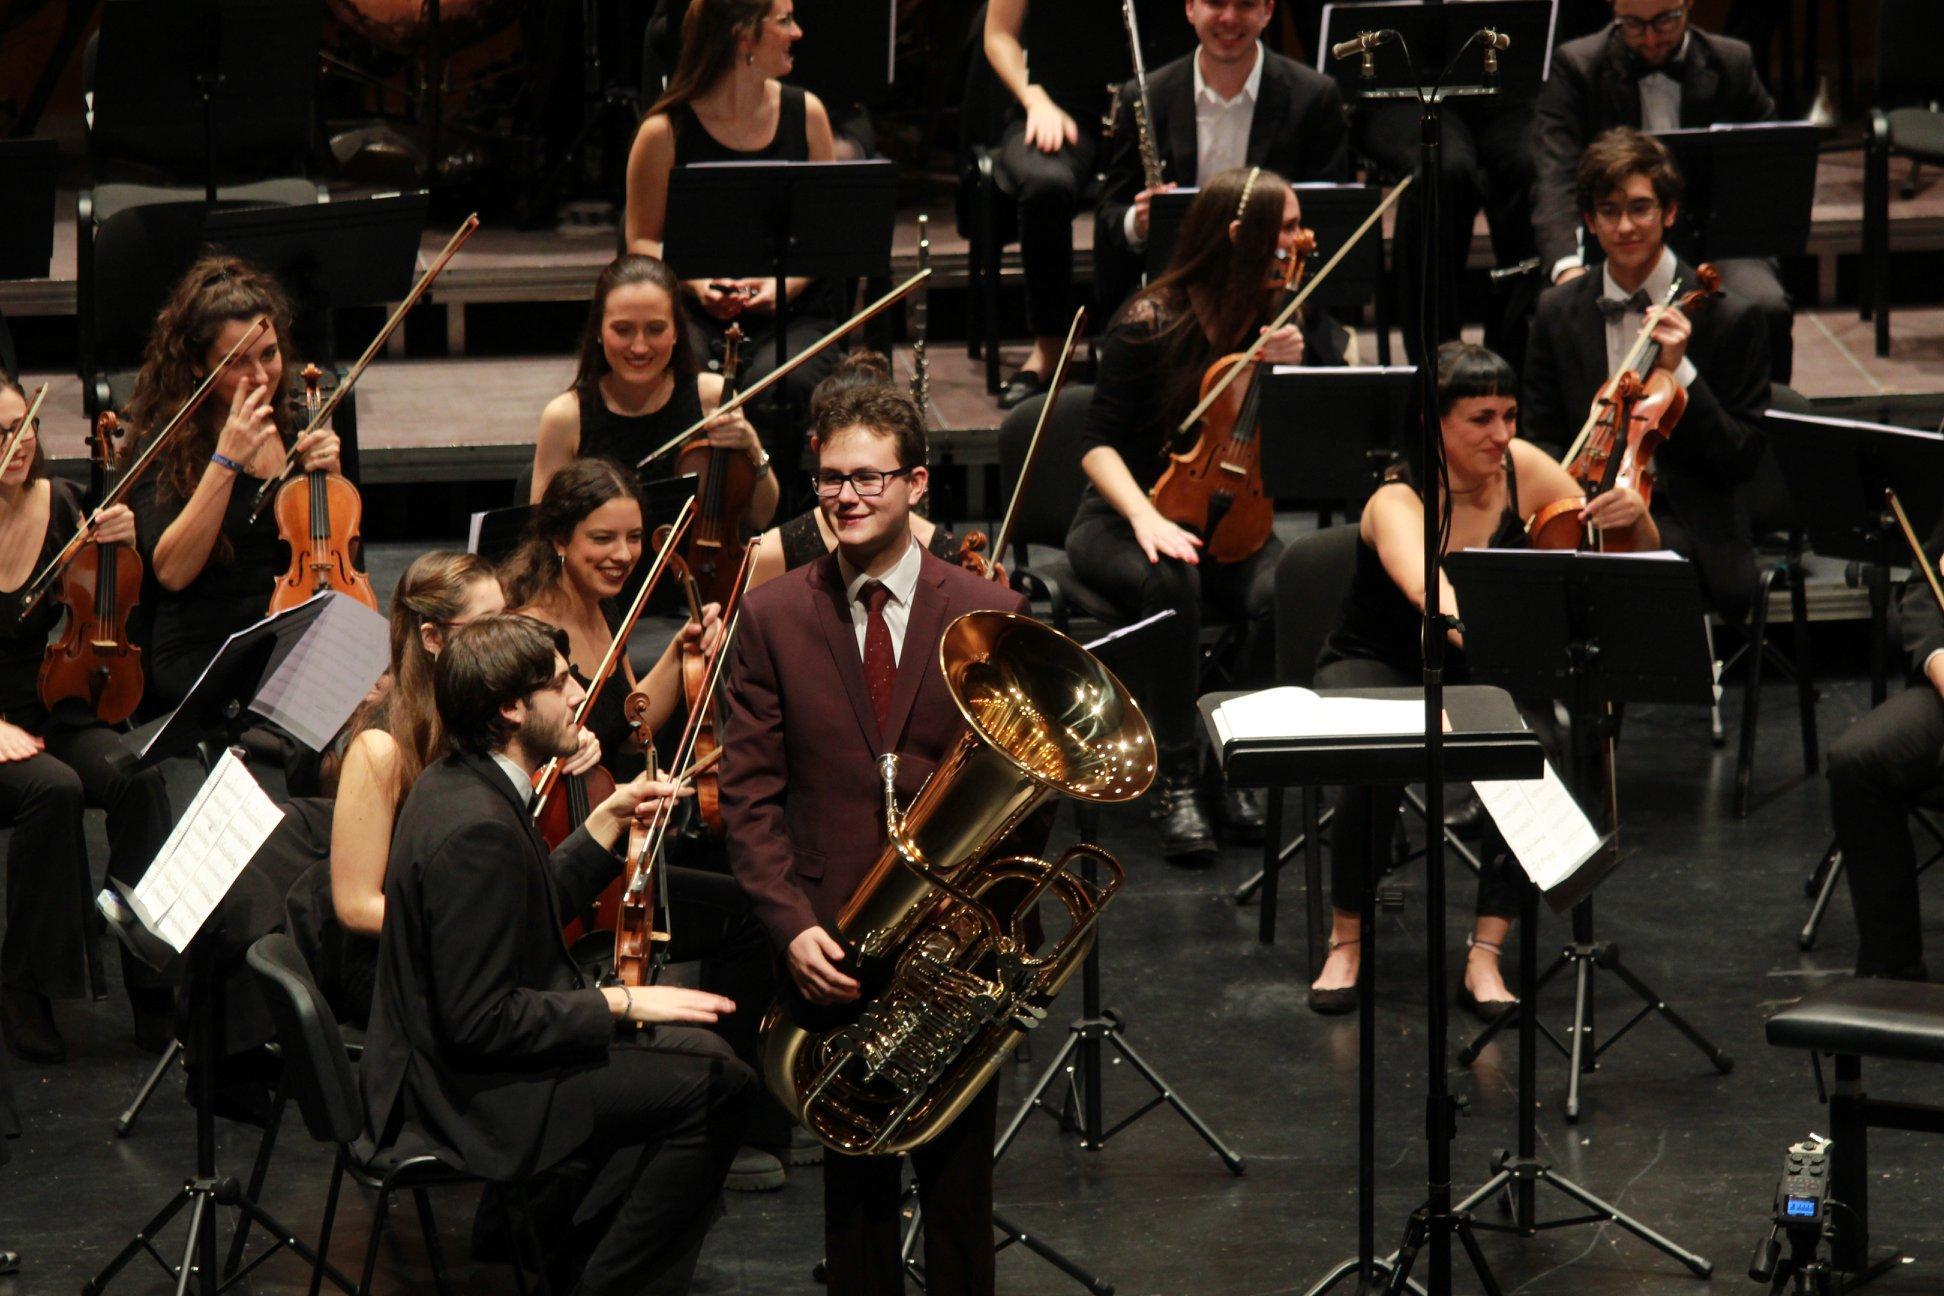 Daniel Cabero durante la interpretación del Concierto para Tuba y Orquesta de R. V. Williams